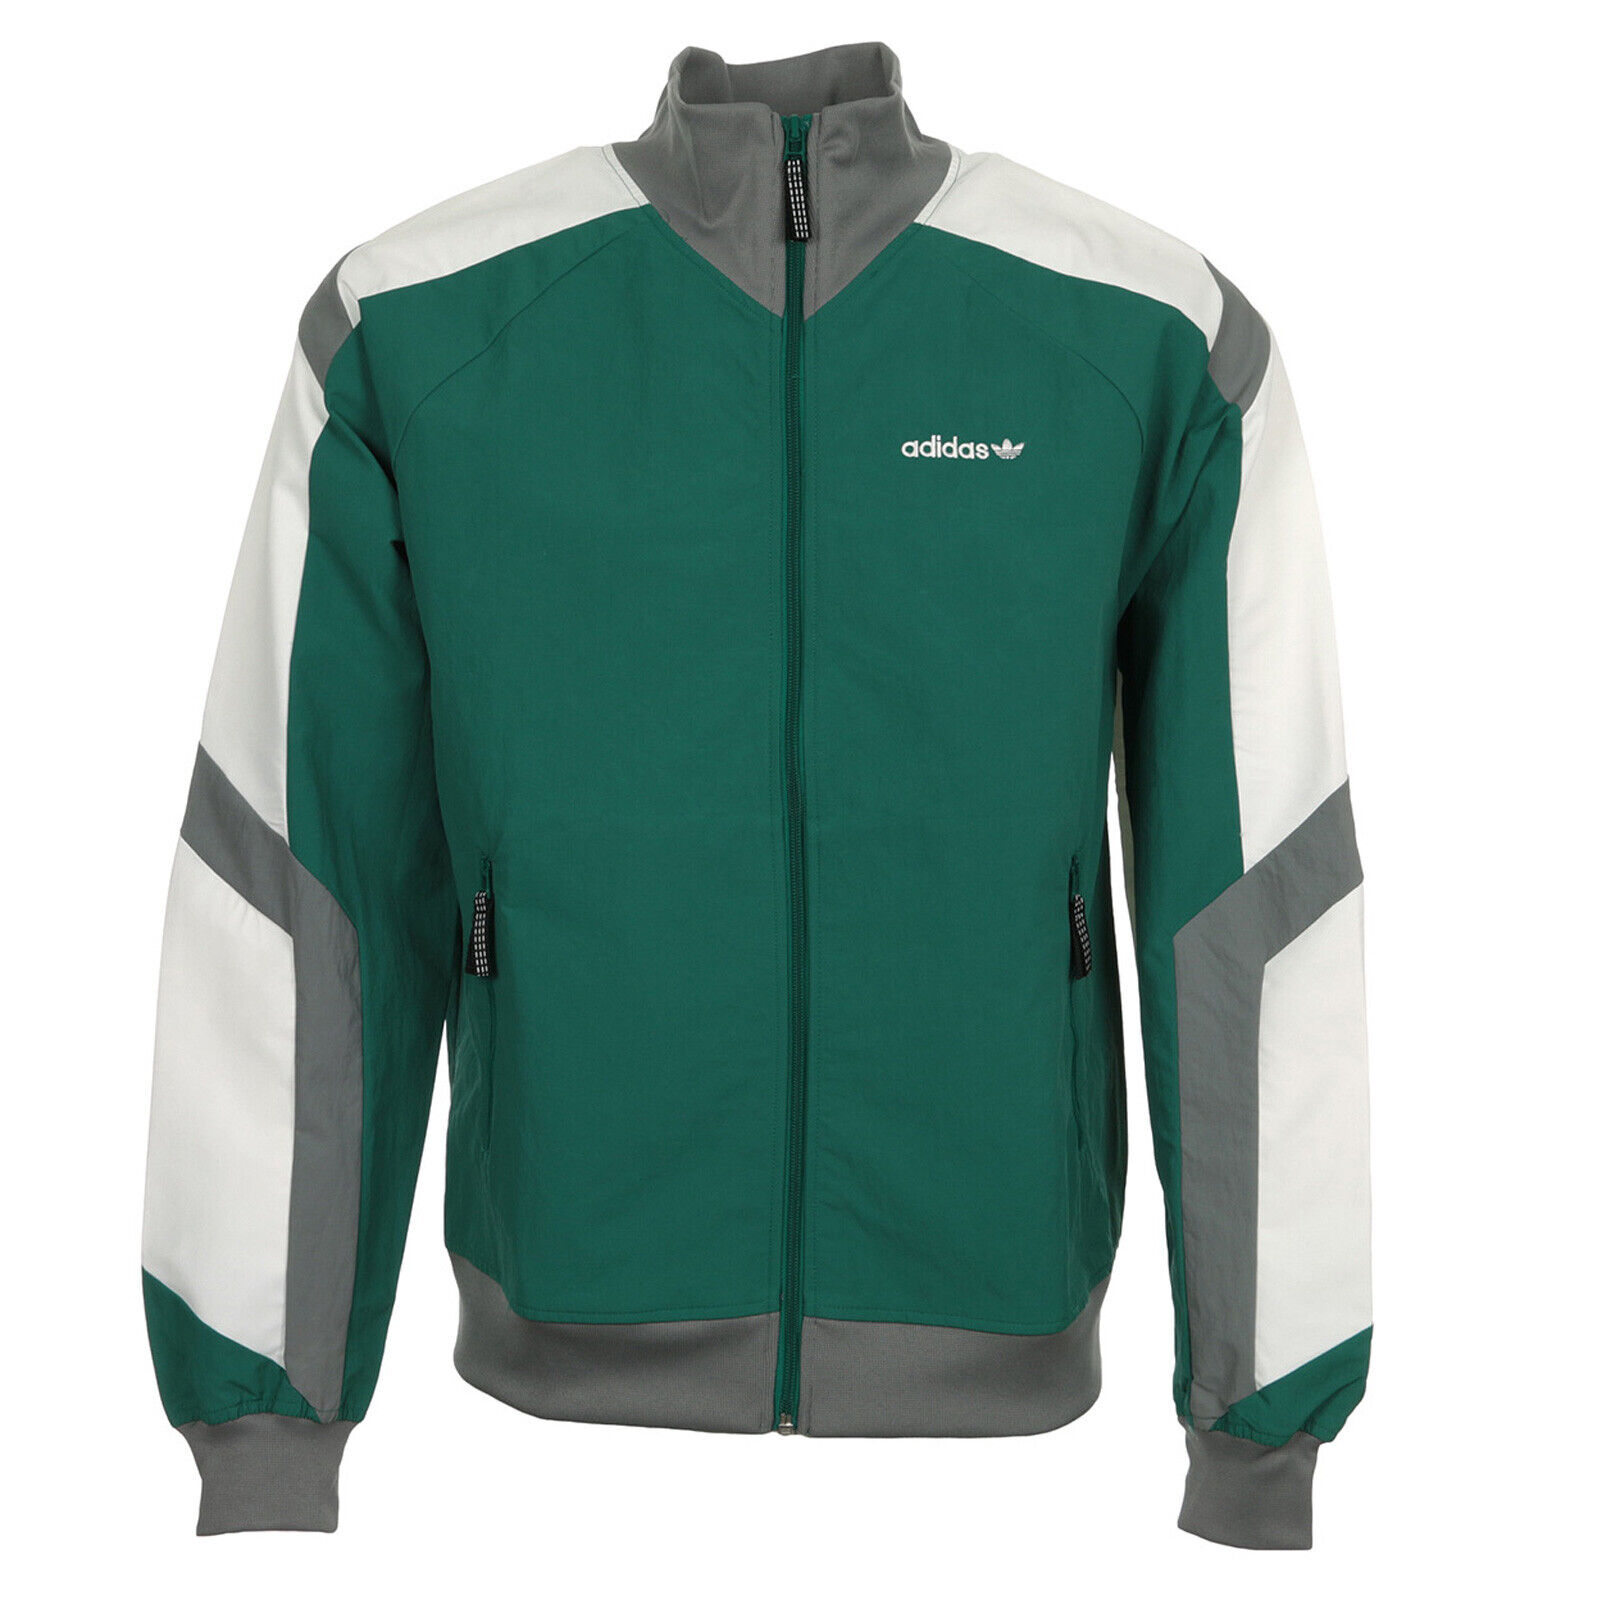 Adidas Originals Eqt Wind Jacket